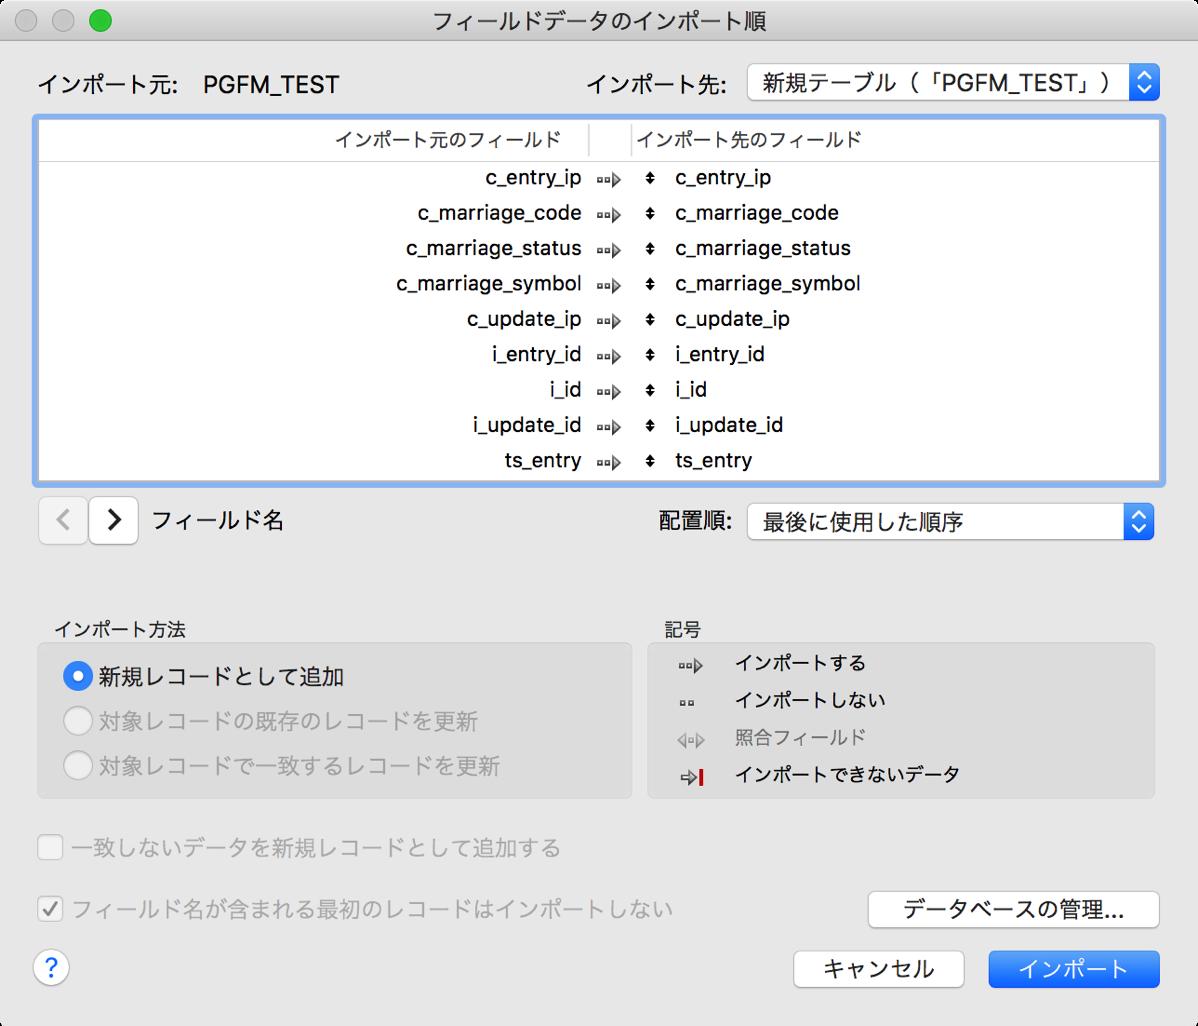 FileMakerへのインポート順設定